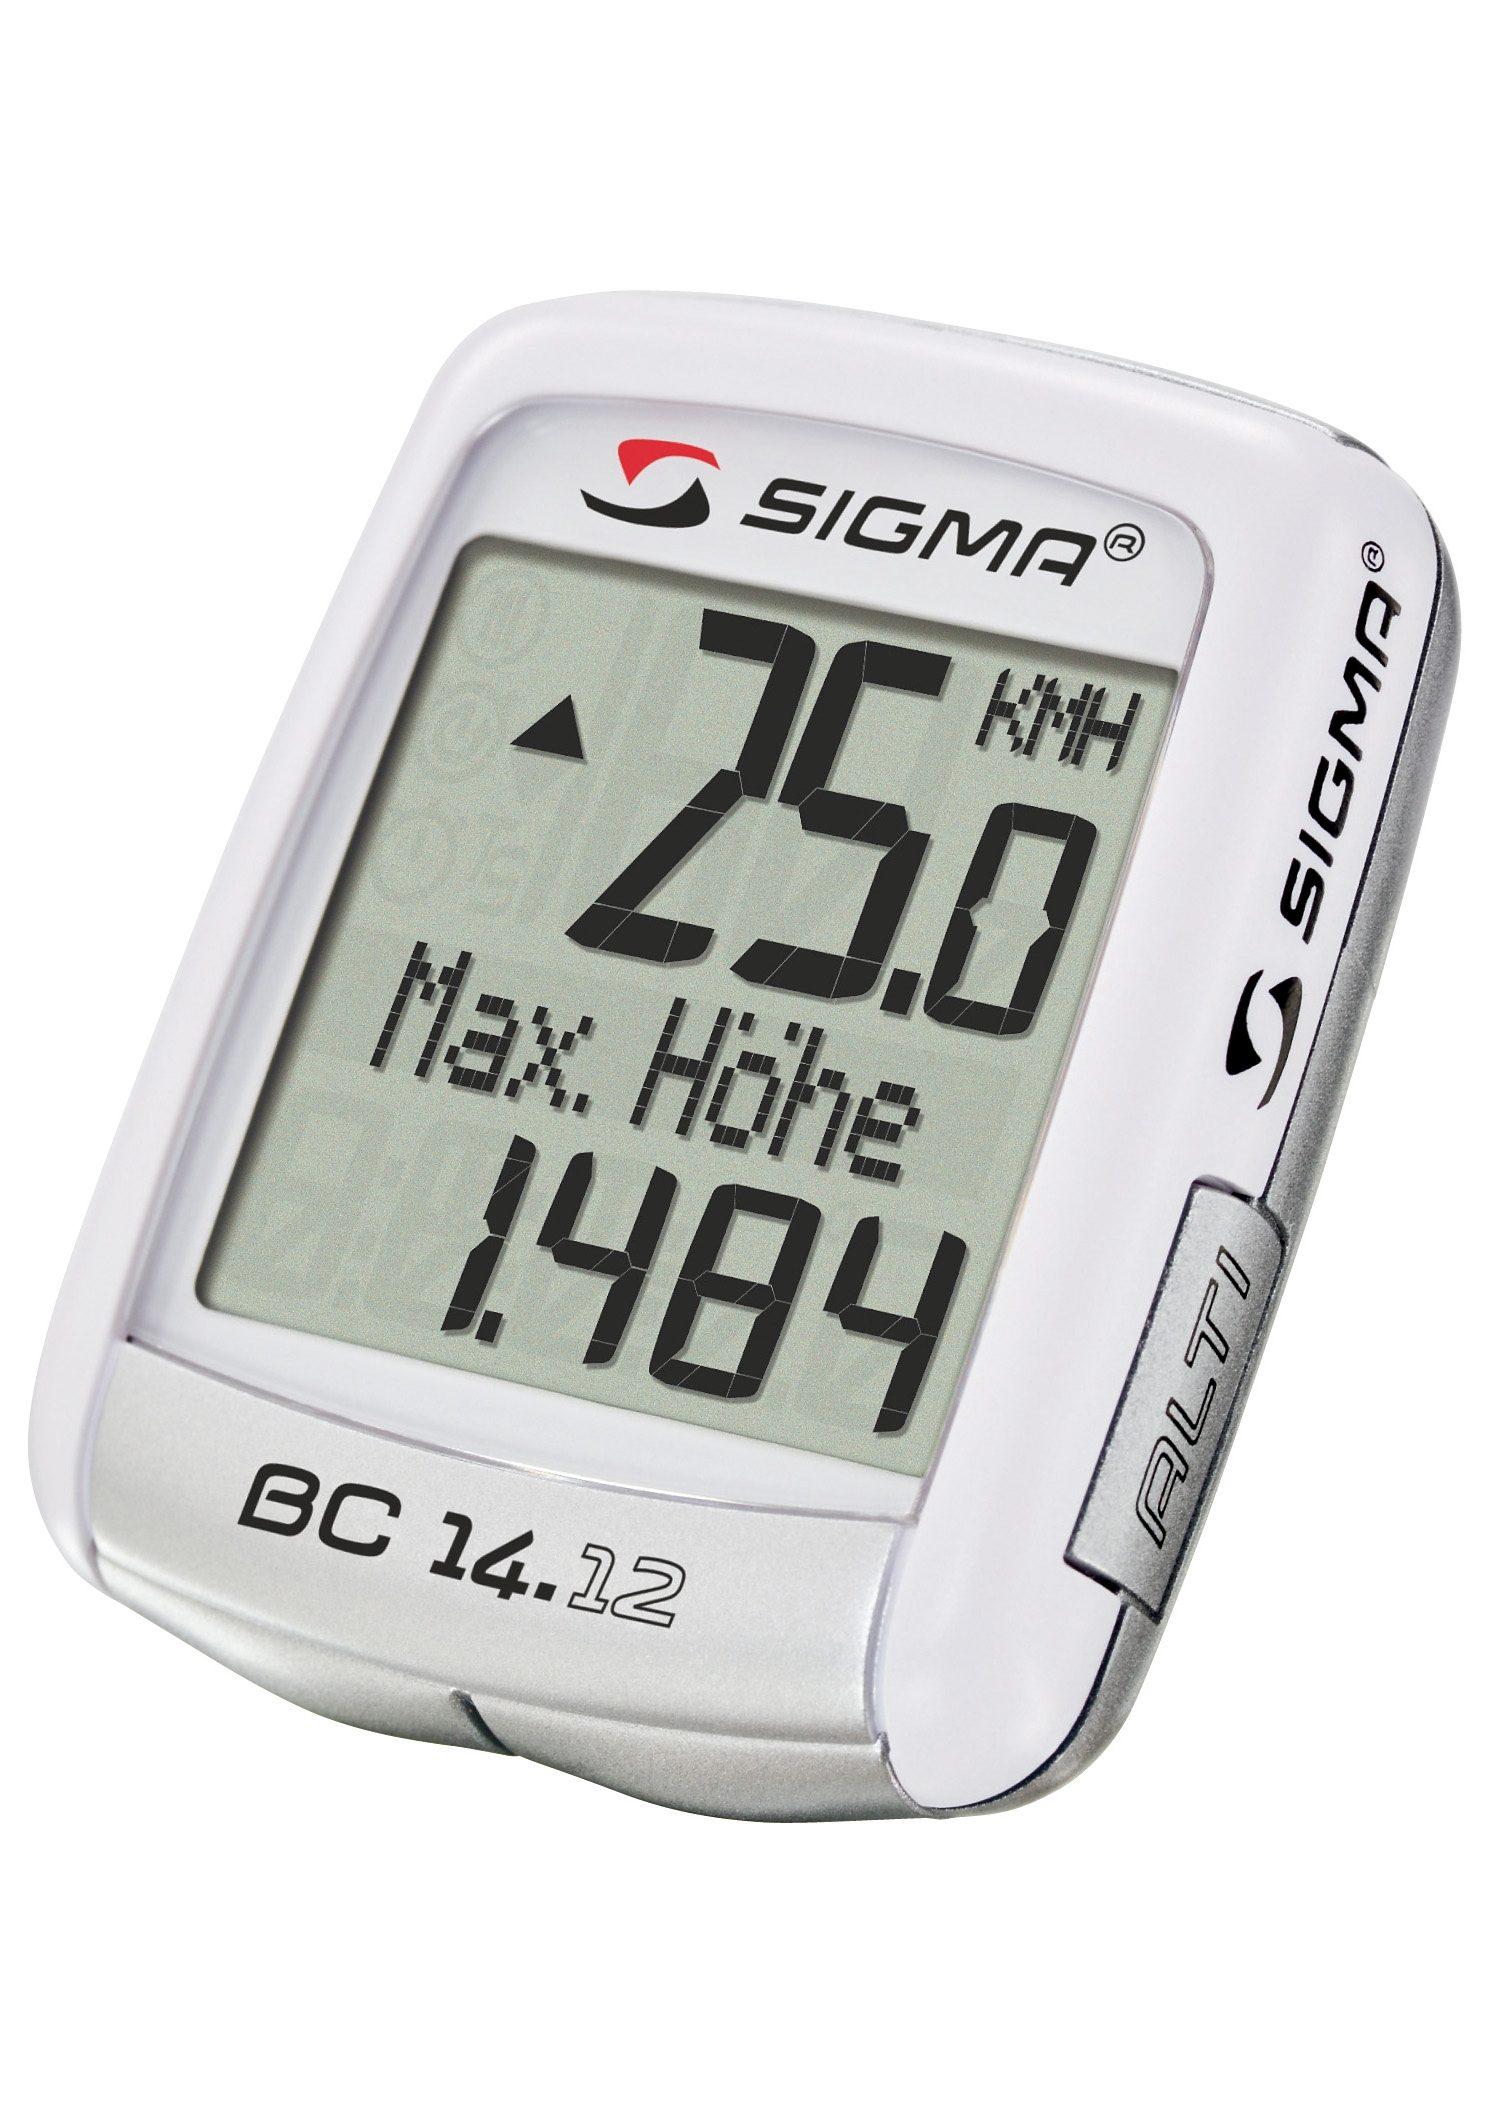 Sigma Sport Fahrradcomputer, kabelgebunden, weiß, »Topline 2012 BC 14.12 ALTI«